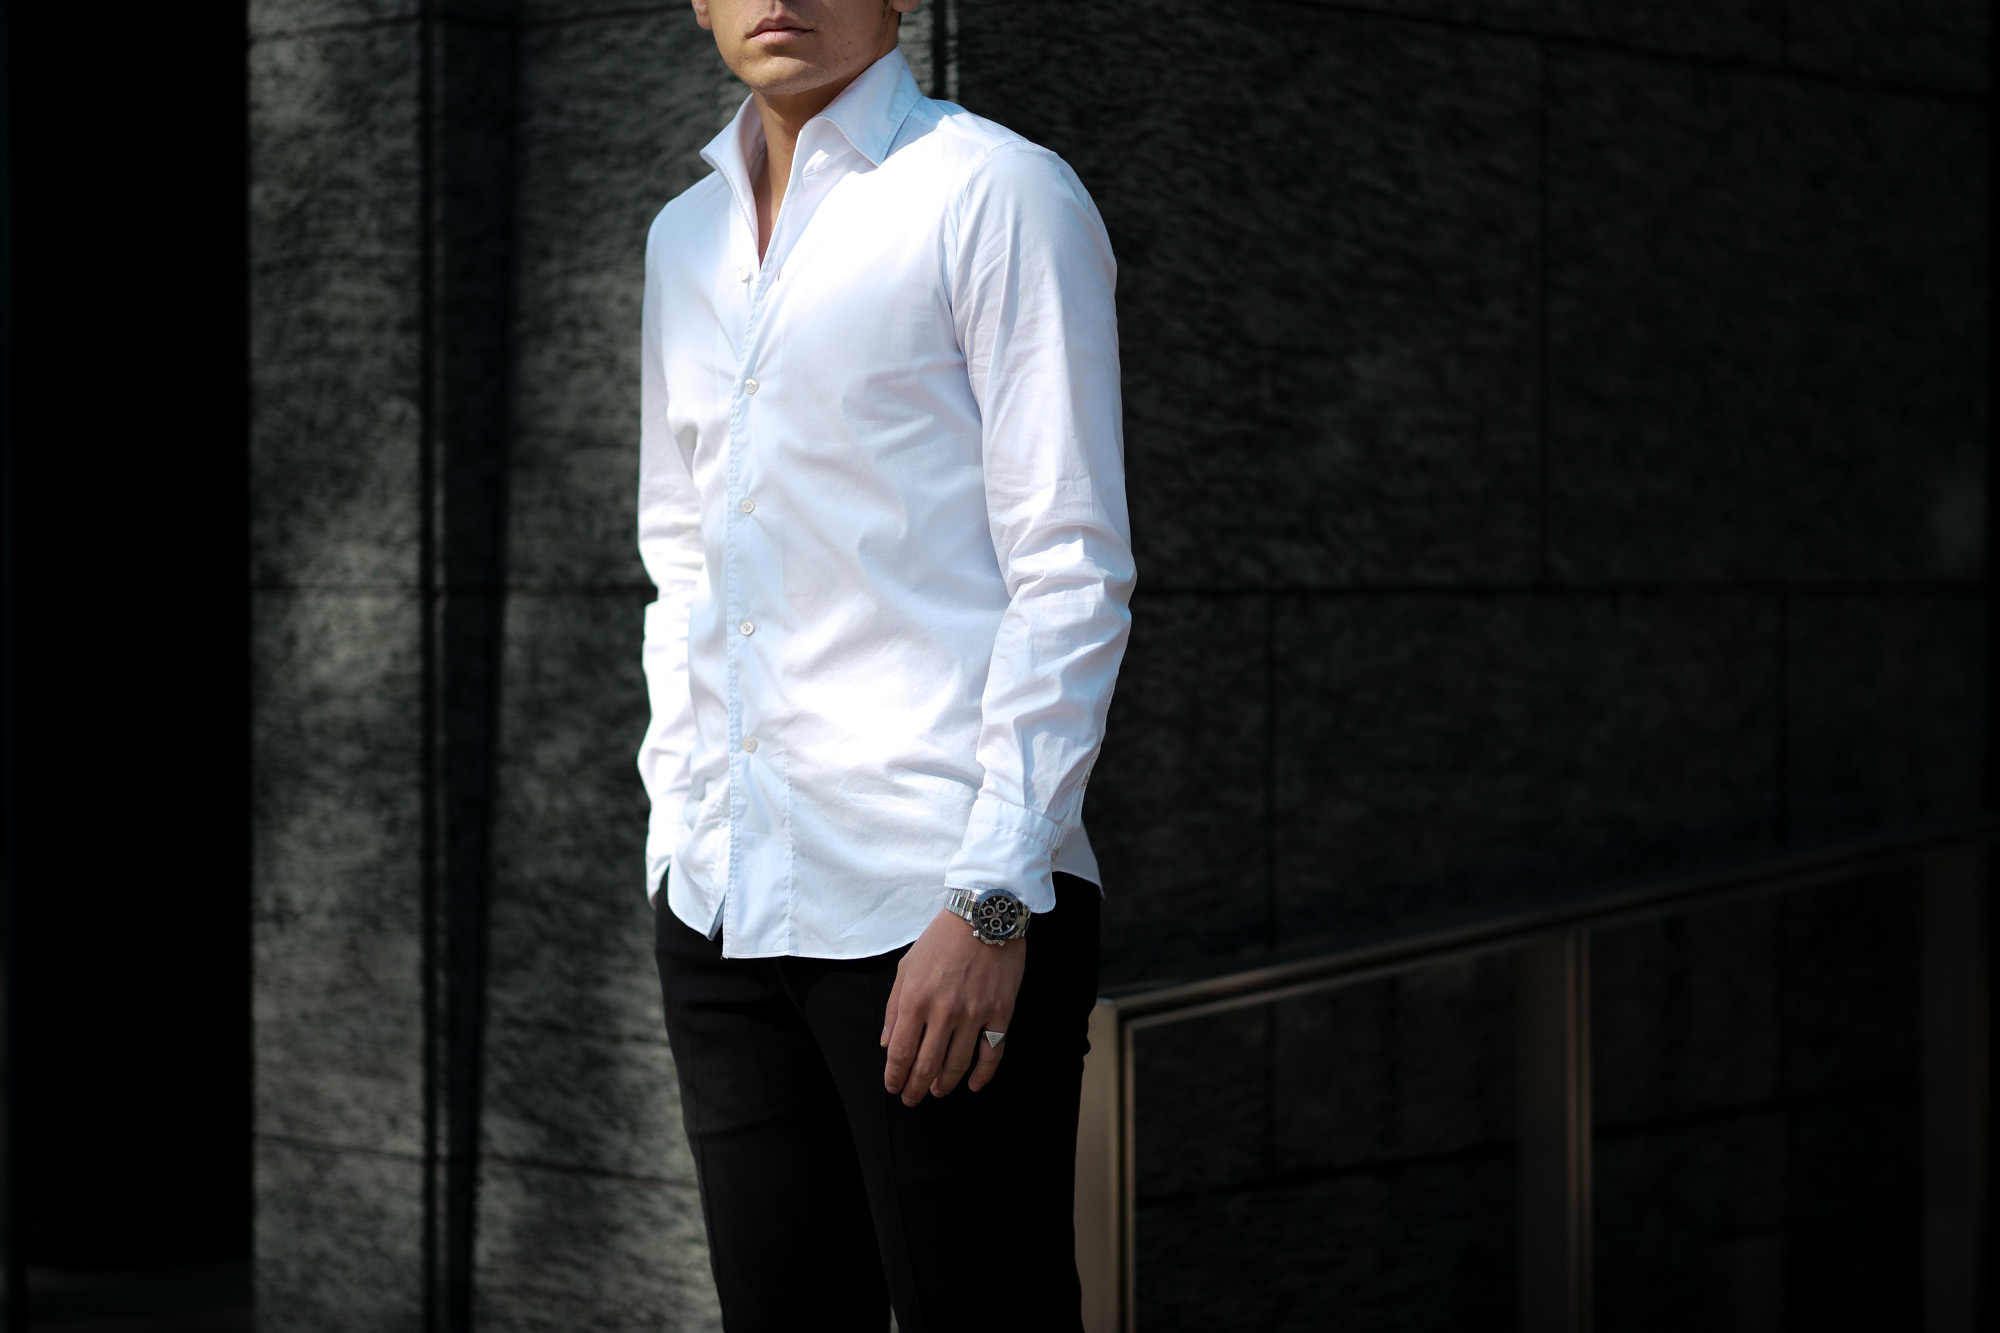 Finamore / フィナモレ (2021 春夏 プレ 展示会) 愛知 名古屋 altoediritto アルトエデリット シャツ 長袖シャツ ストライプシャツ 黒ストライプ ドレスシャツ